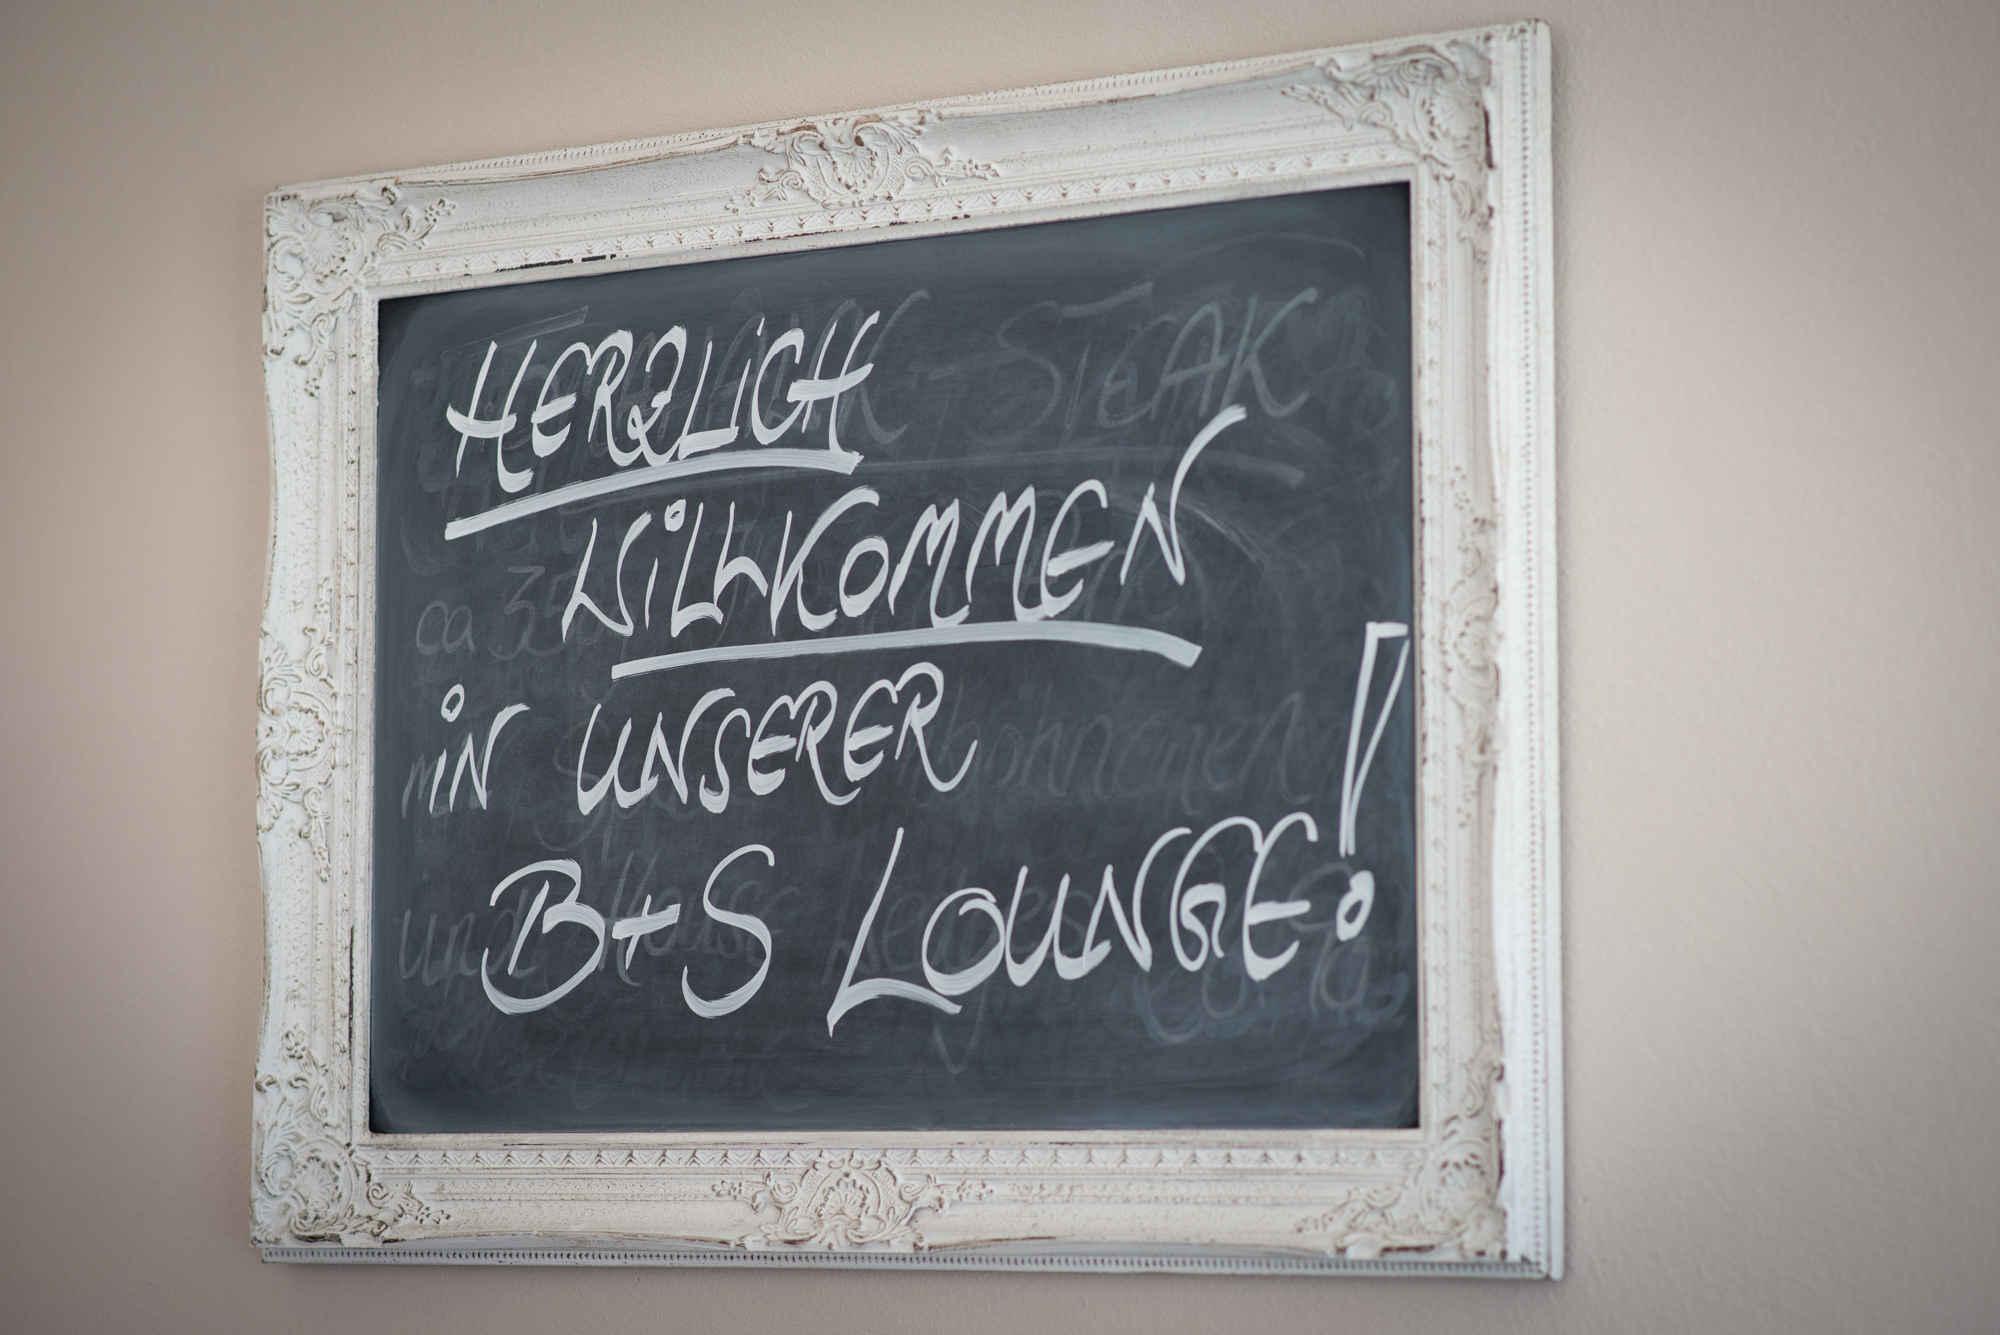 Bild zur Nachricht von B&S Lounge